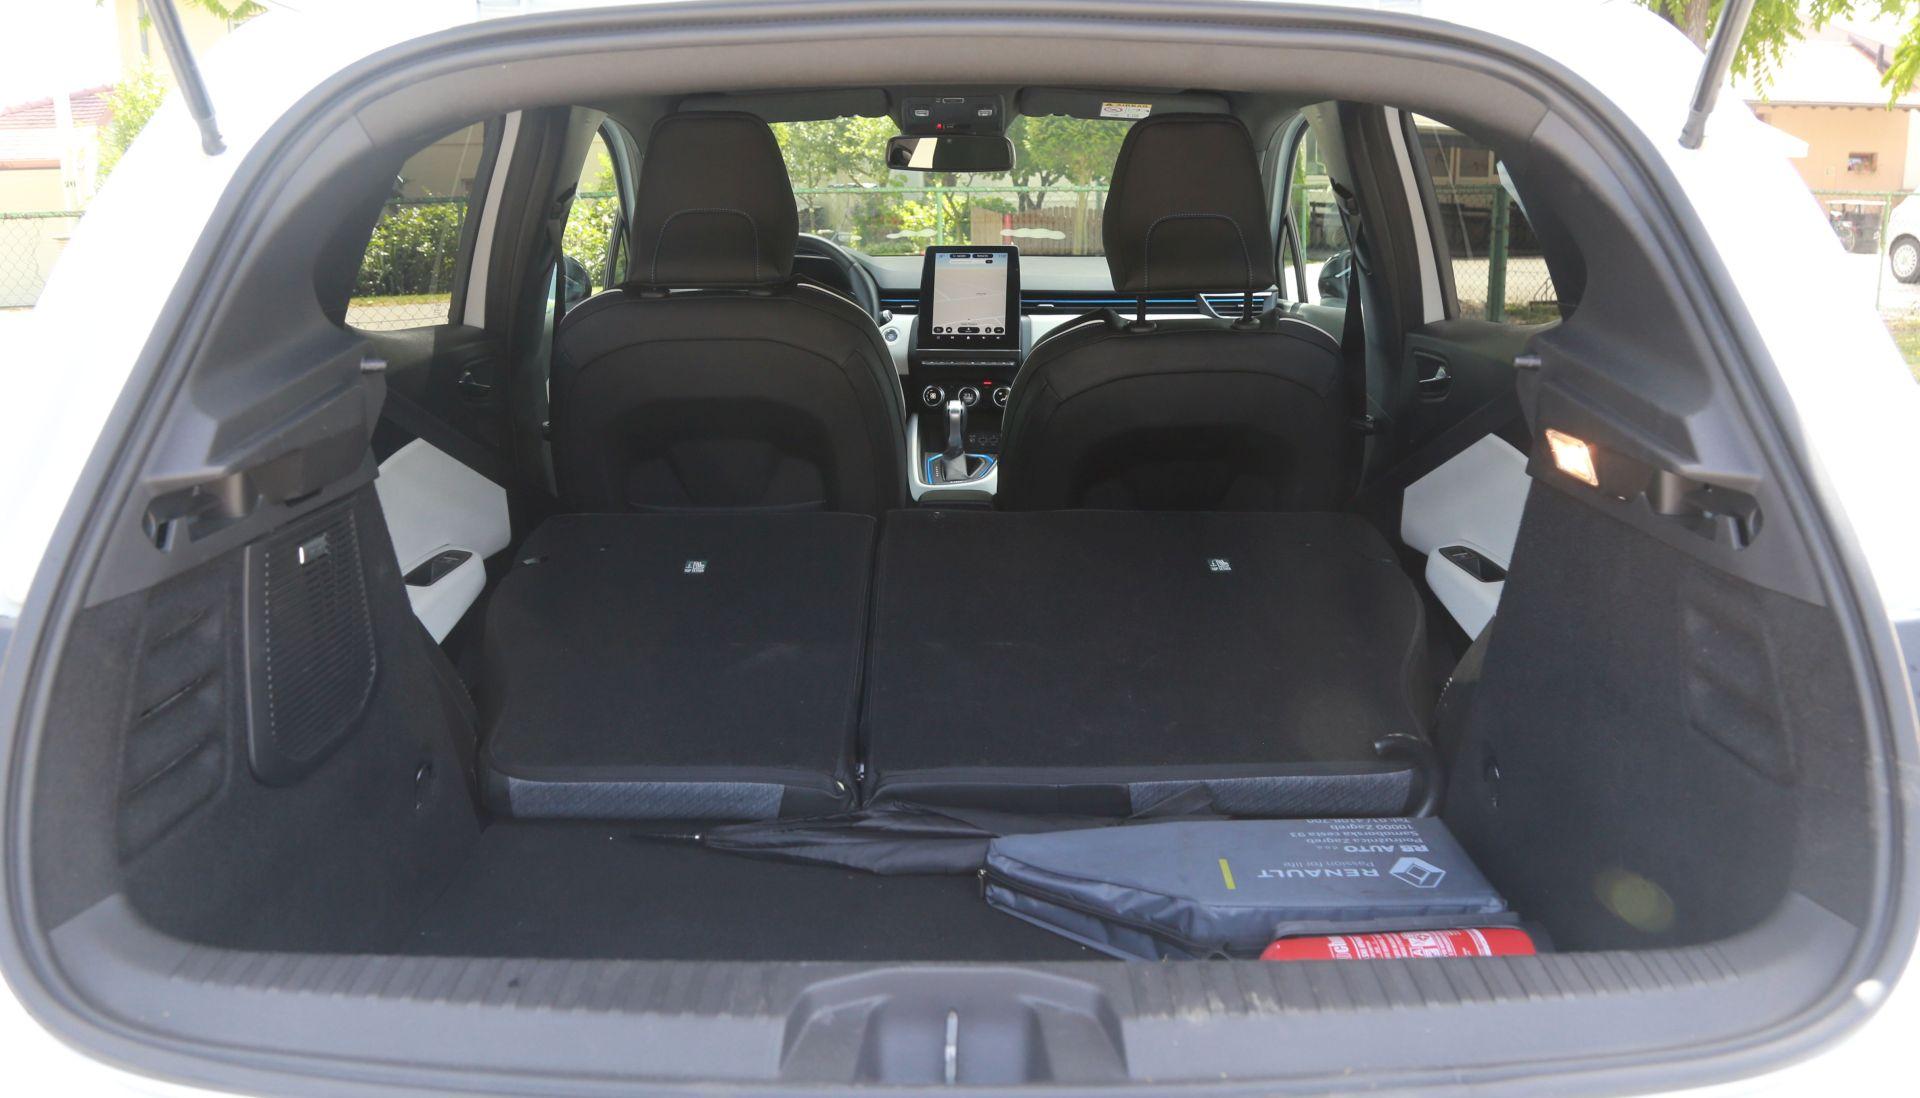 Preklapanjem stražnjih sjedala obujam od 301 litre prtljažnika povećava se na 1.146 litara. No za utovar je nezgodan visoki prag prtljažnika.